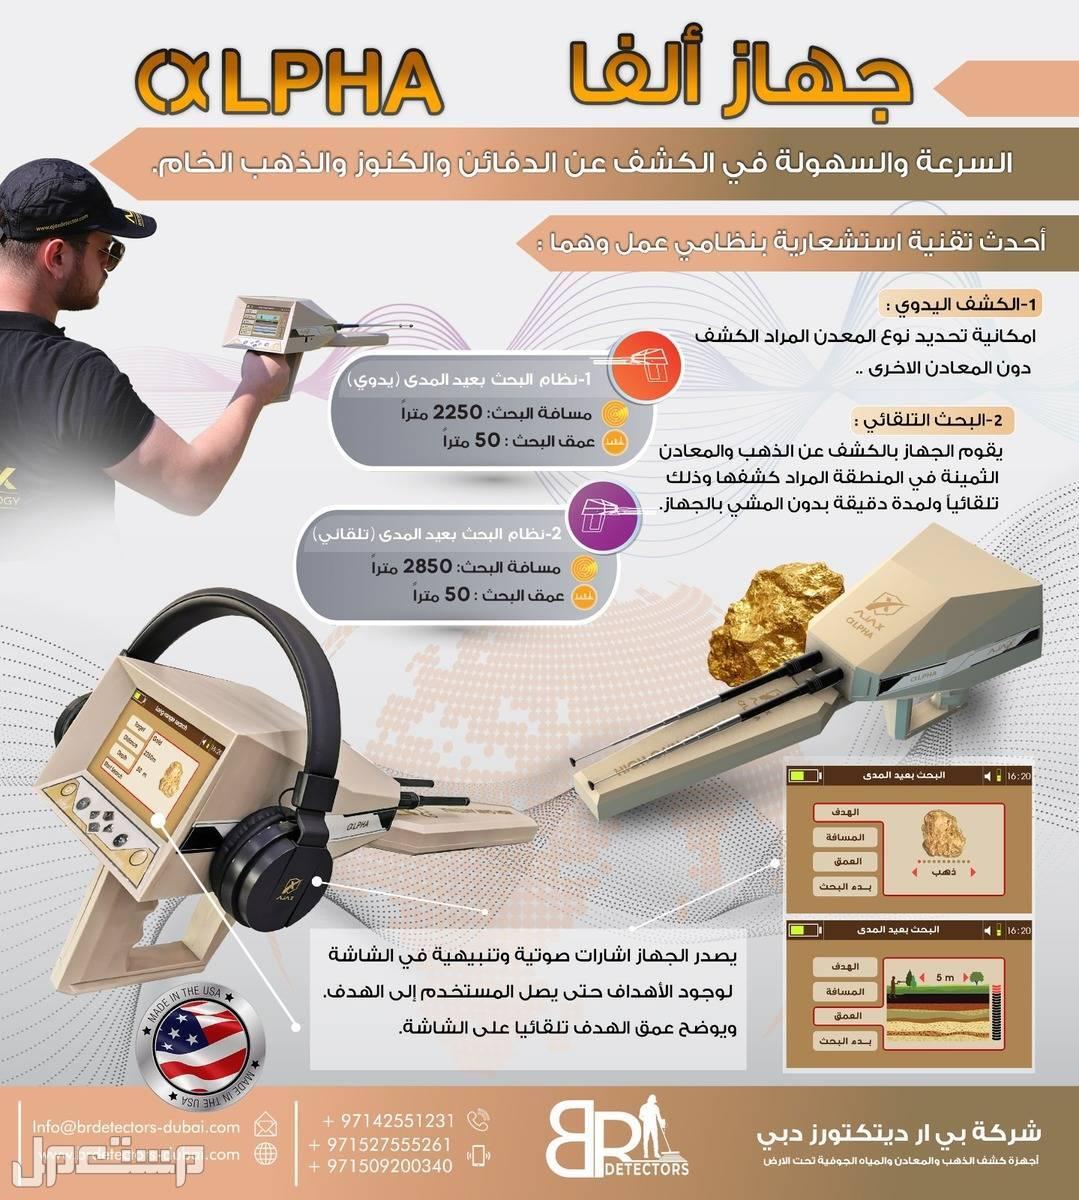 جهاز كشف المعادن 2021 في السعودية الفا - بي ار دبي جهاز كشف المعادن 2021 في السعودية الفا - بي ار دبي